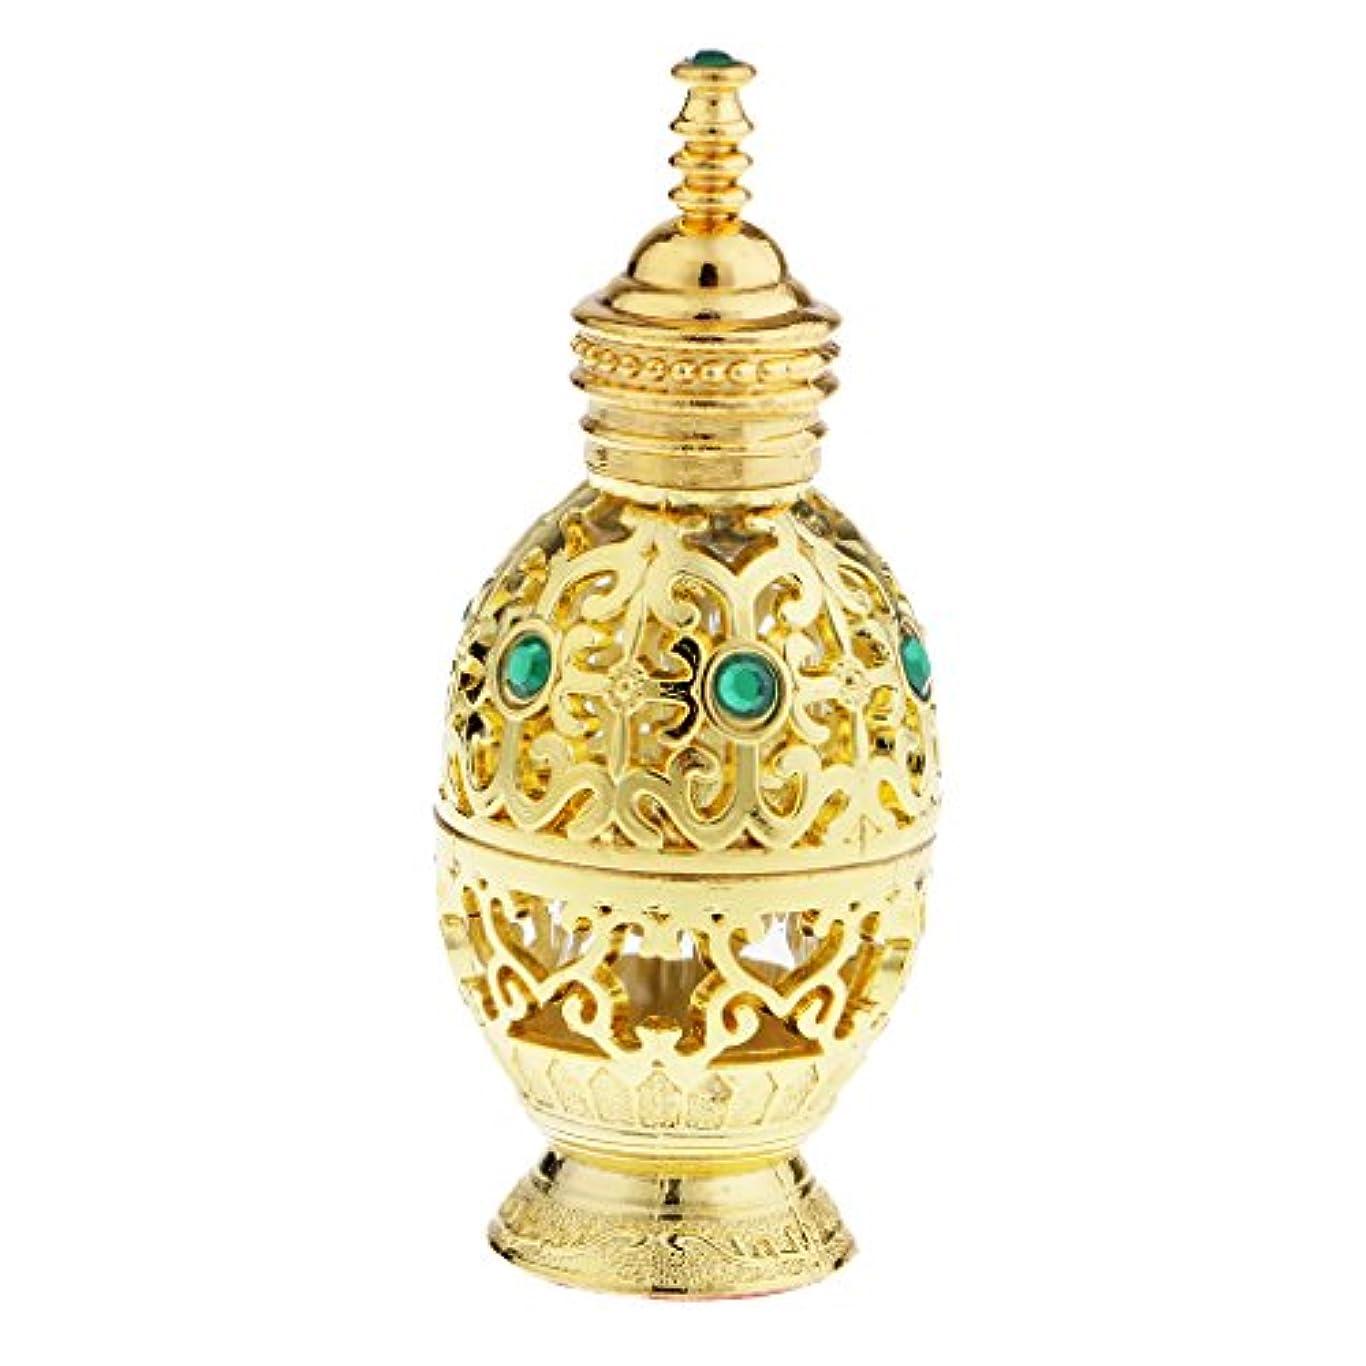 酸化する単調なエイリアンFlameer 10ml ヴィンテージ 香水ボトル 中東スタイル 香水瓶 ゴールド エッセンシャルオイルボトル 精油ボトル